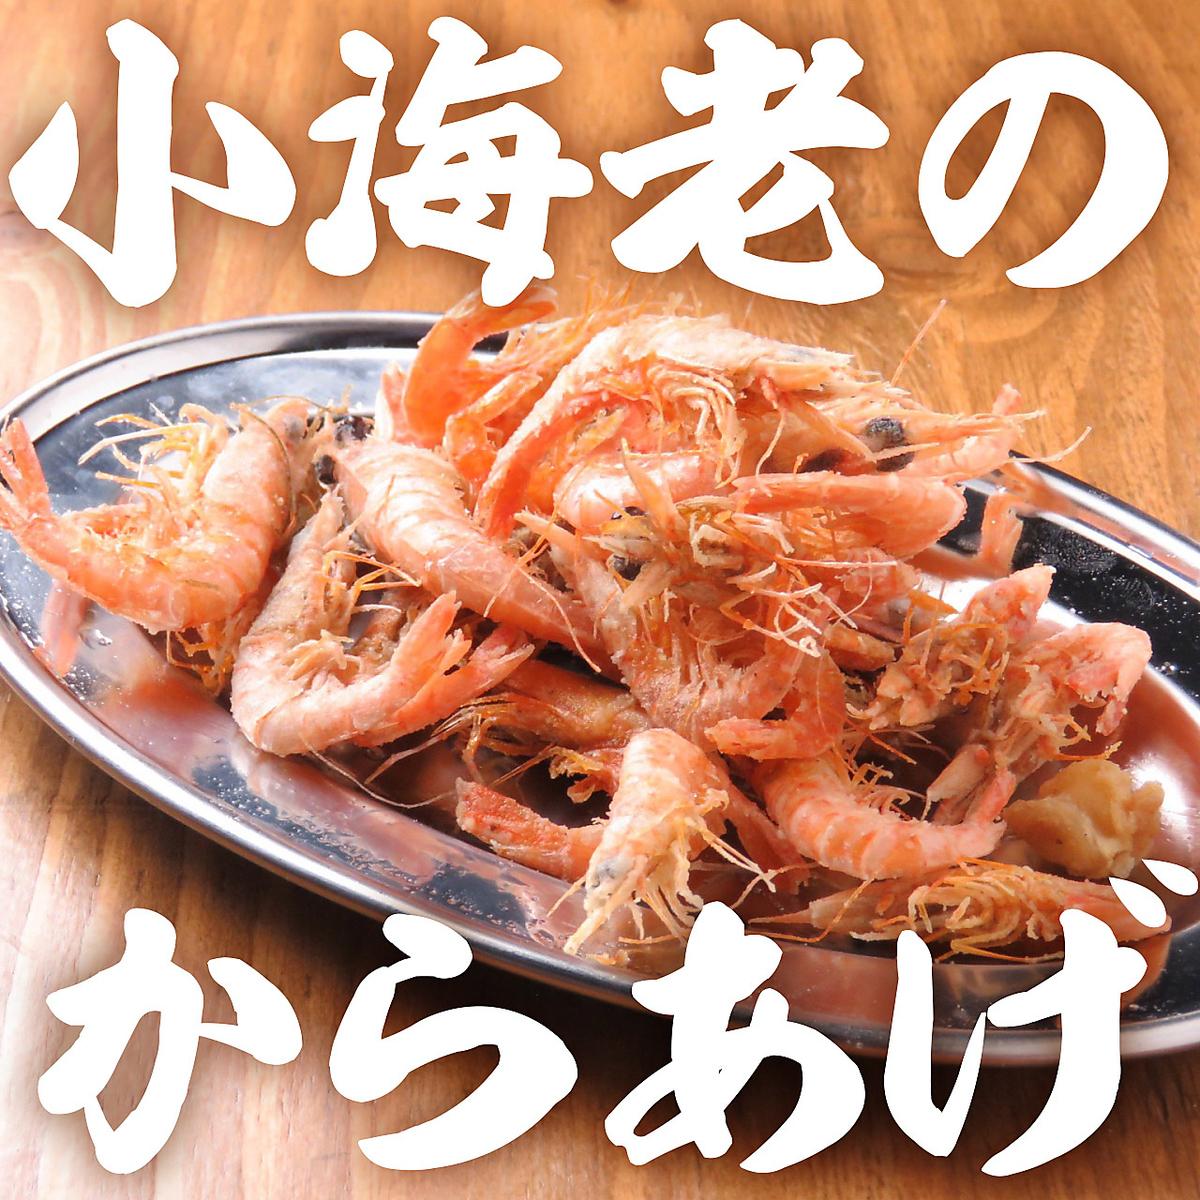 【炒】炸小虾/托里饼干